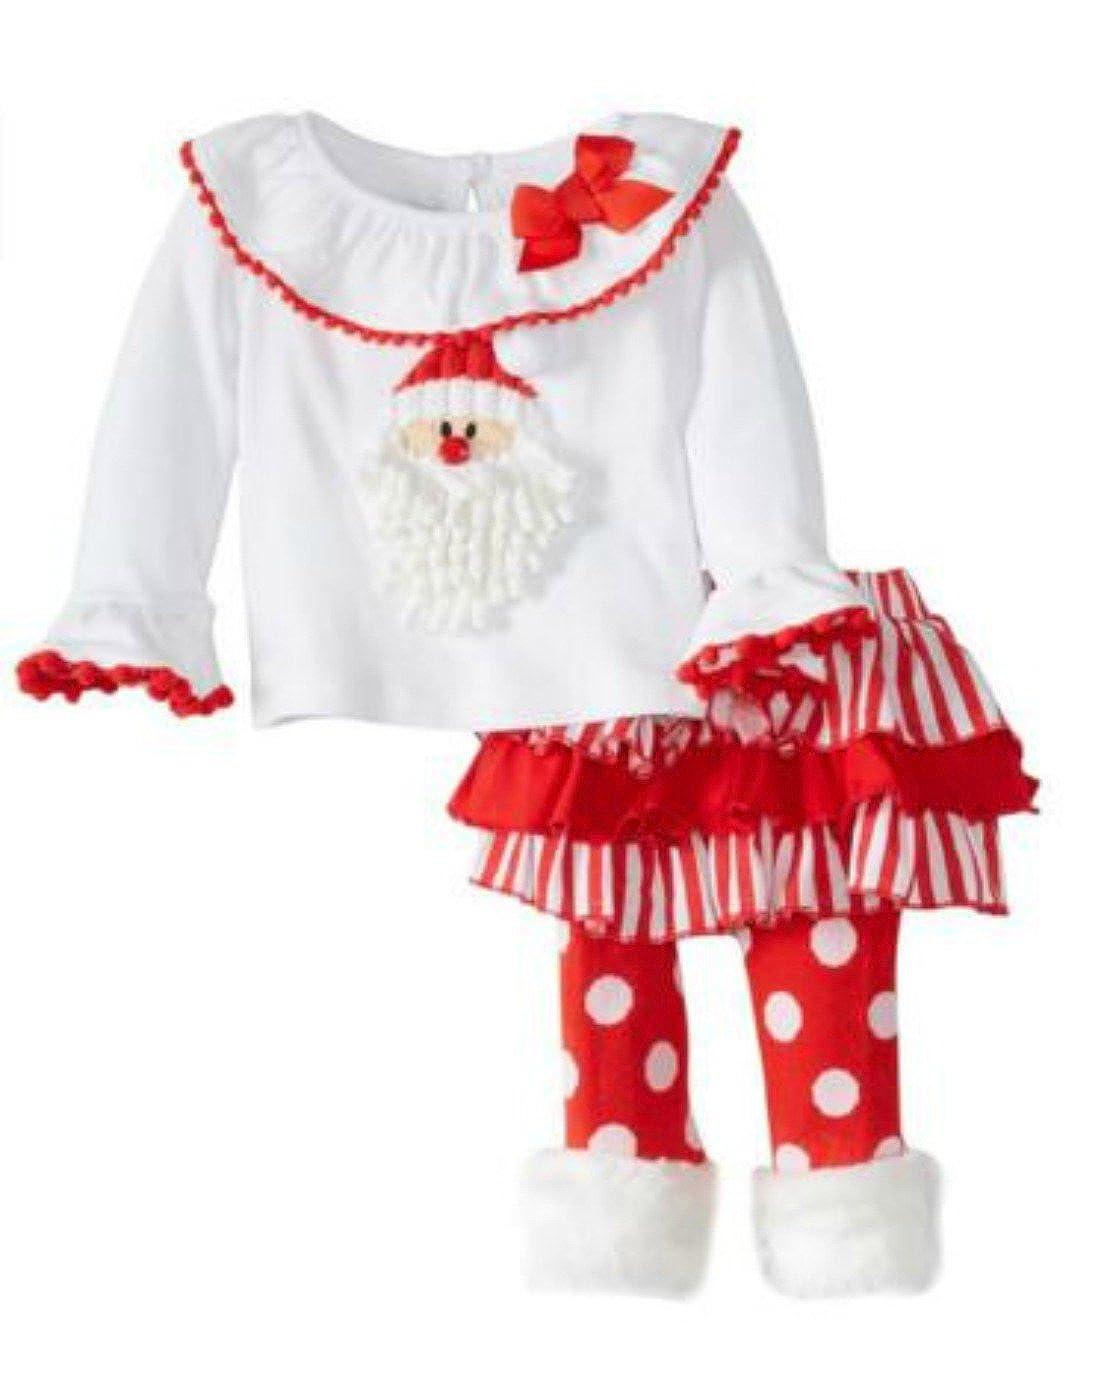 名作 Mud Pie Little Girls Girls B01924S51A ' Santa ' Babyスカートセット 3T ホワイト/レッド B01924S51A, ヒラツカシ:b5b8773f --- quiltersinfo.yarnslave.com